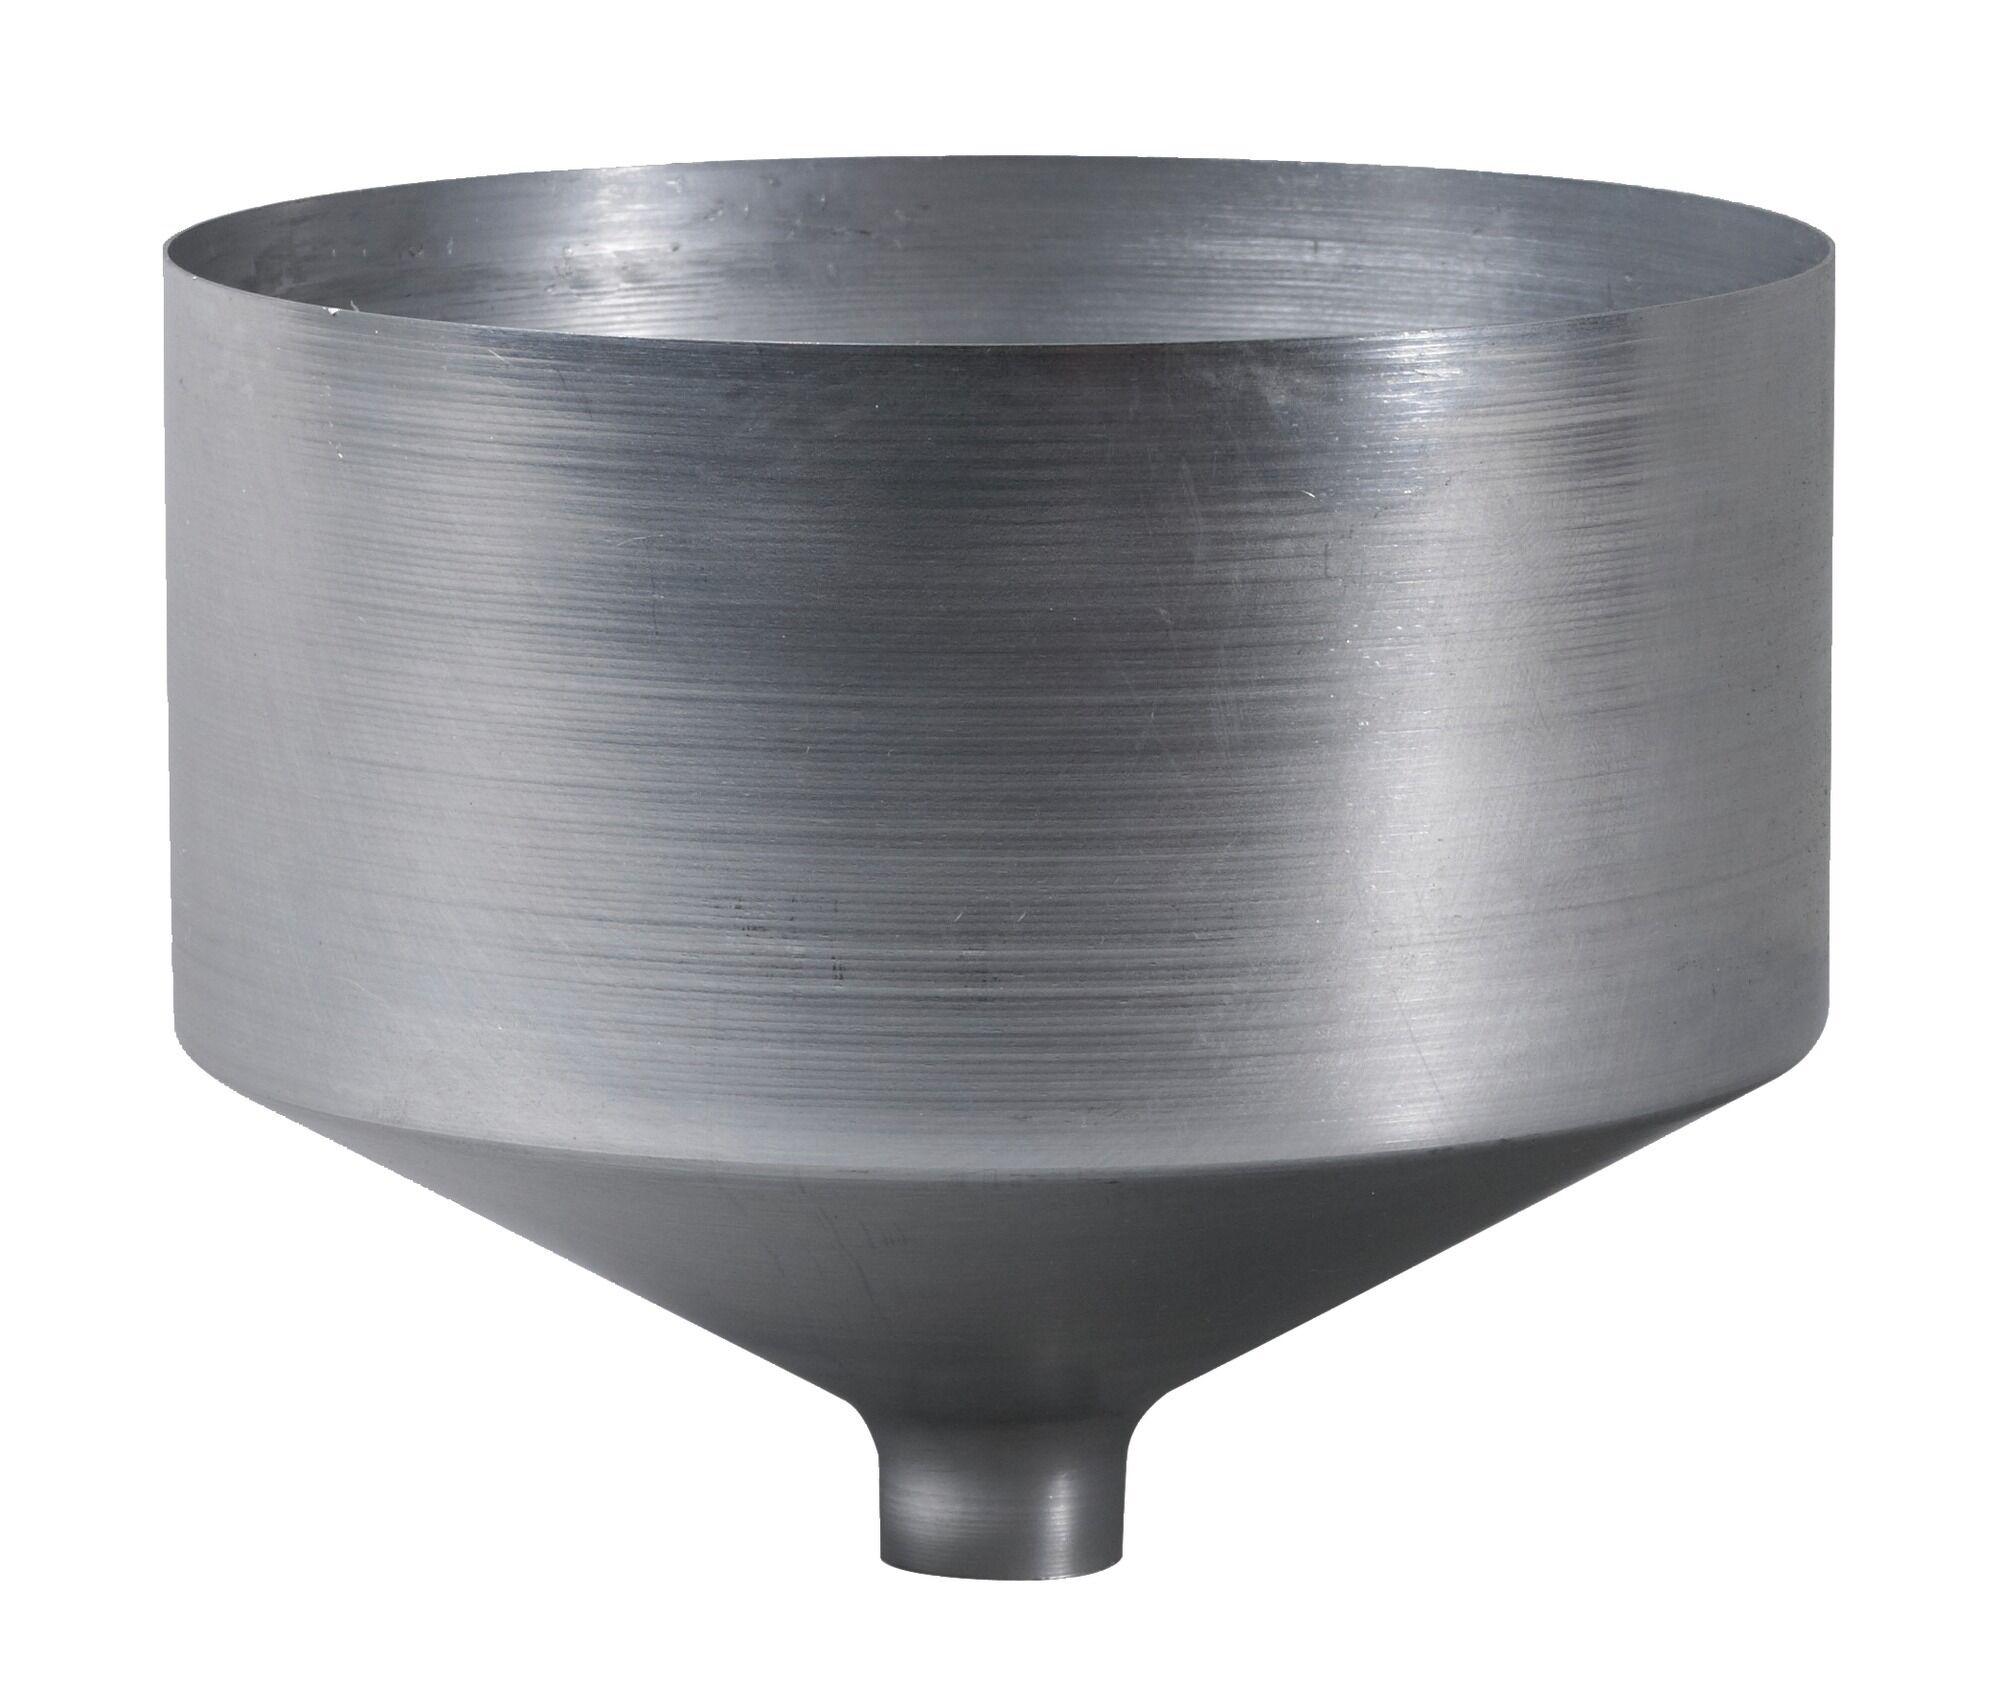 TEN Purge aluminium Ø97 - TOLERIE GENERALE - 900970